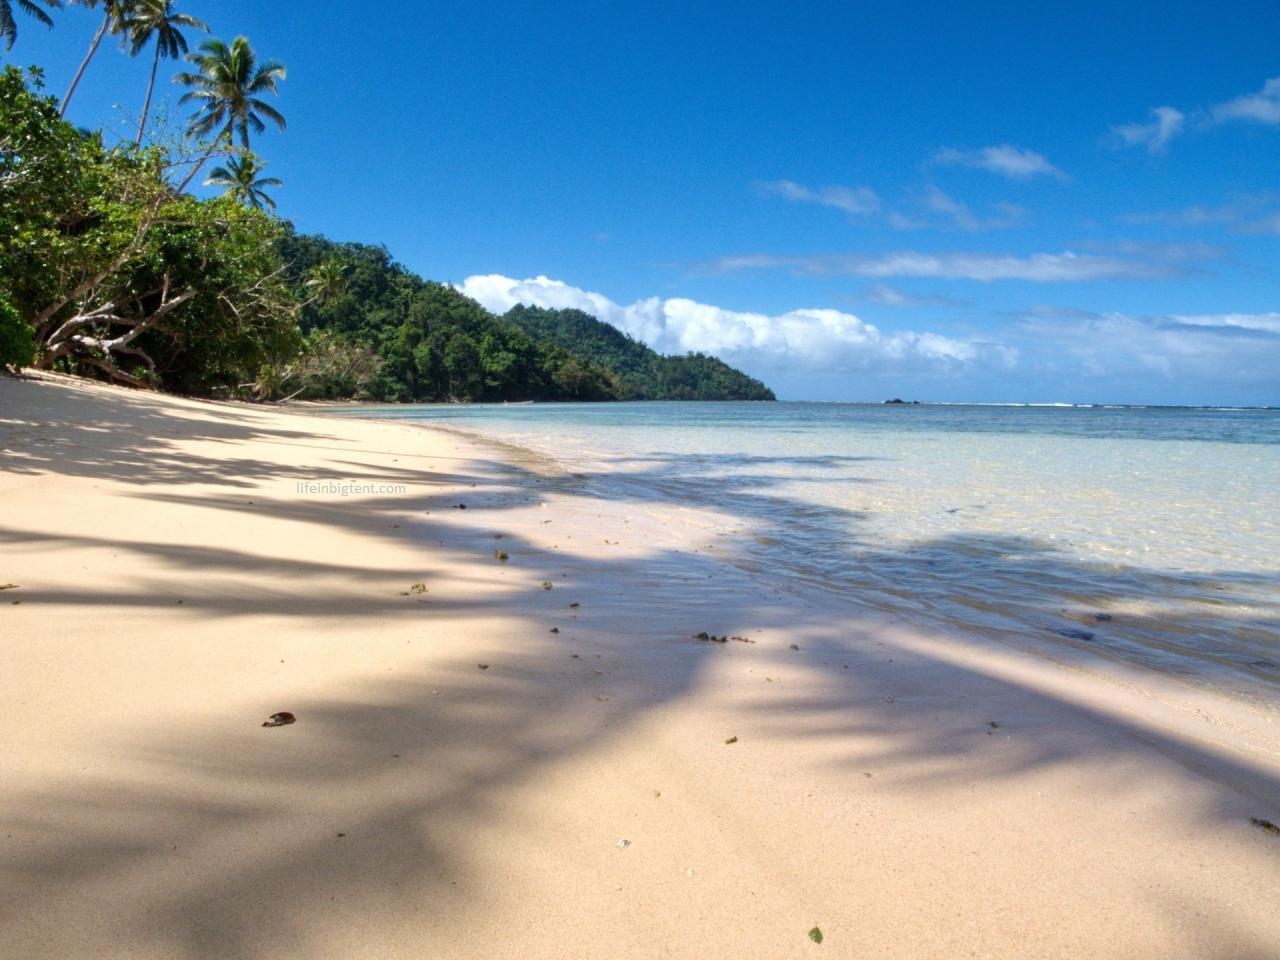 Kelionė į Fidžį - paplūdimiai